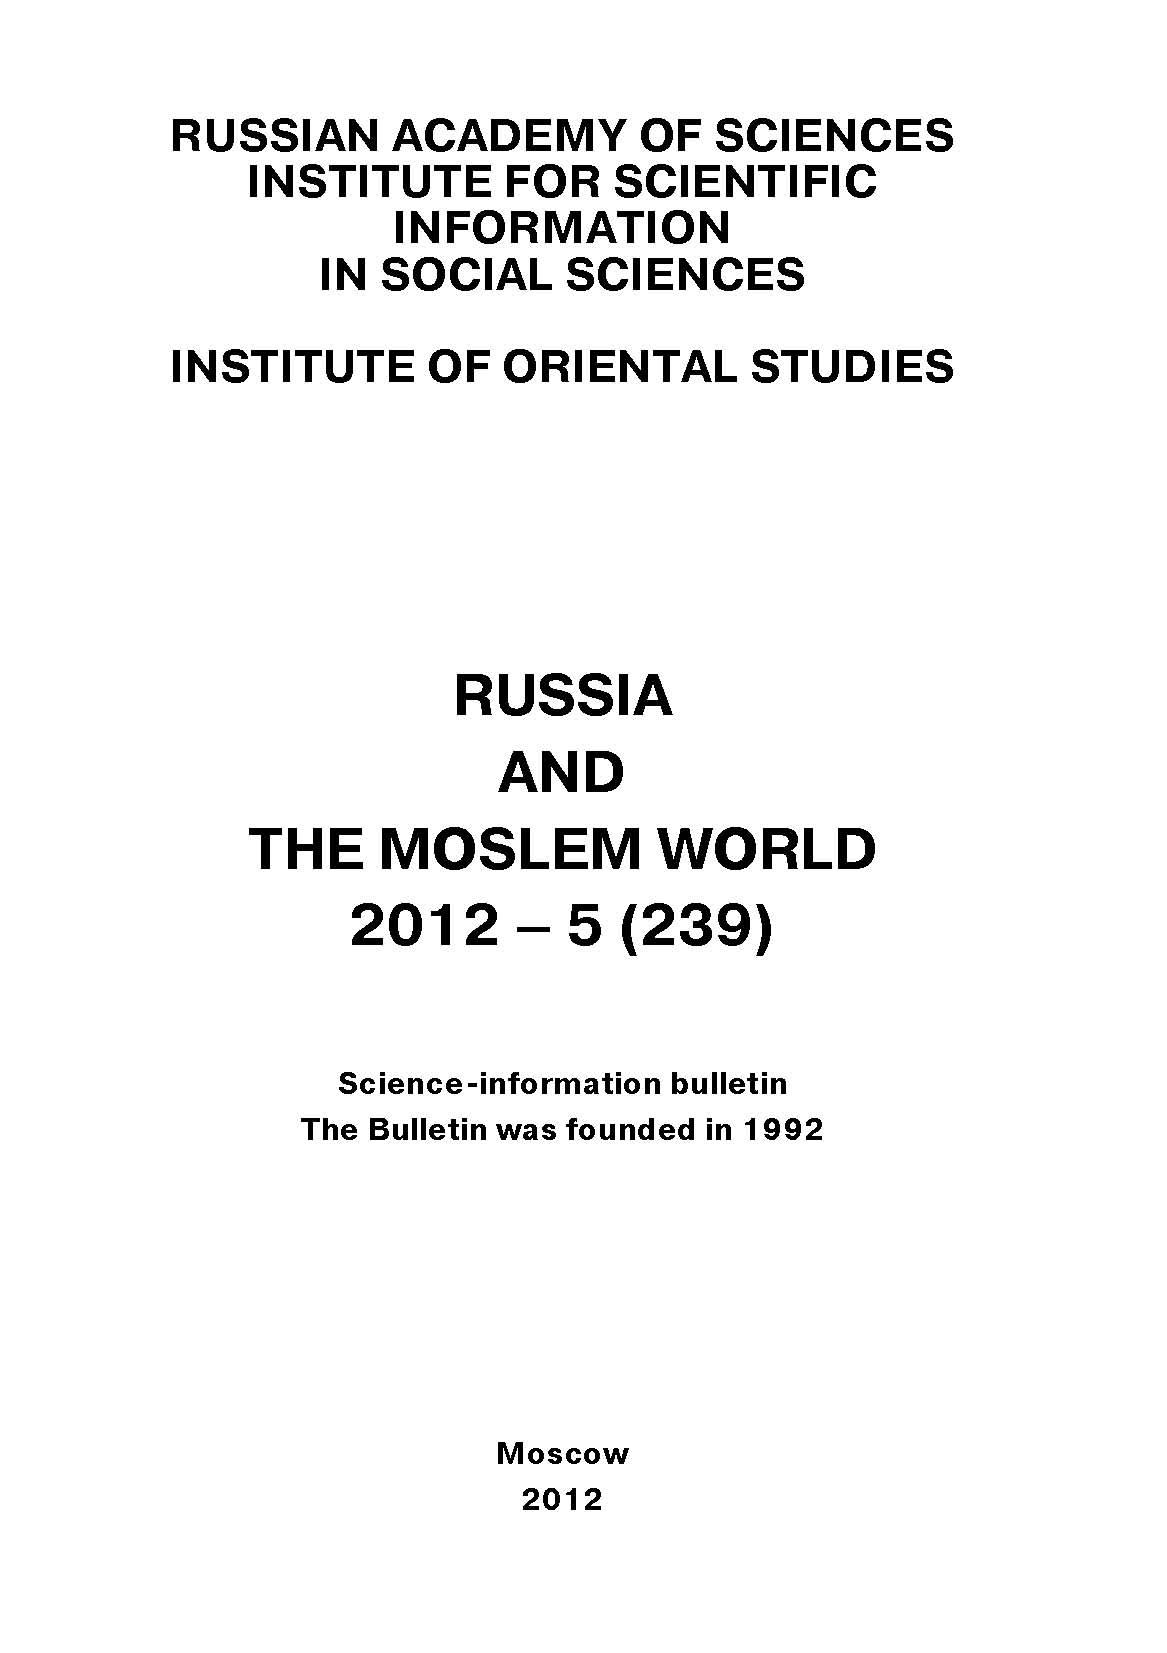 Сборник статей Russia and the Moslem World № 05 / 2012 сборник статей russia and the moslem world 05 2011